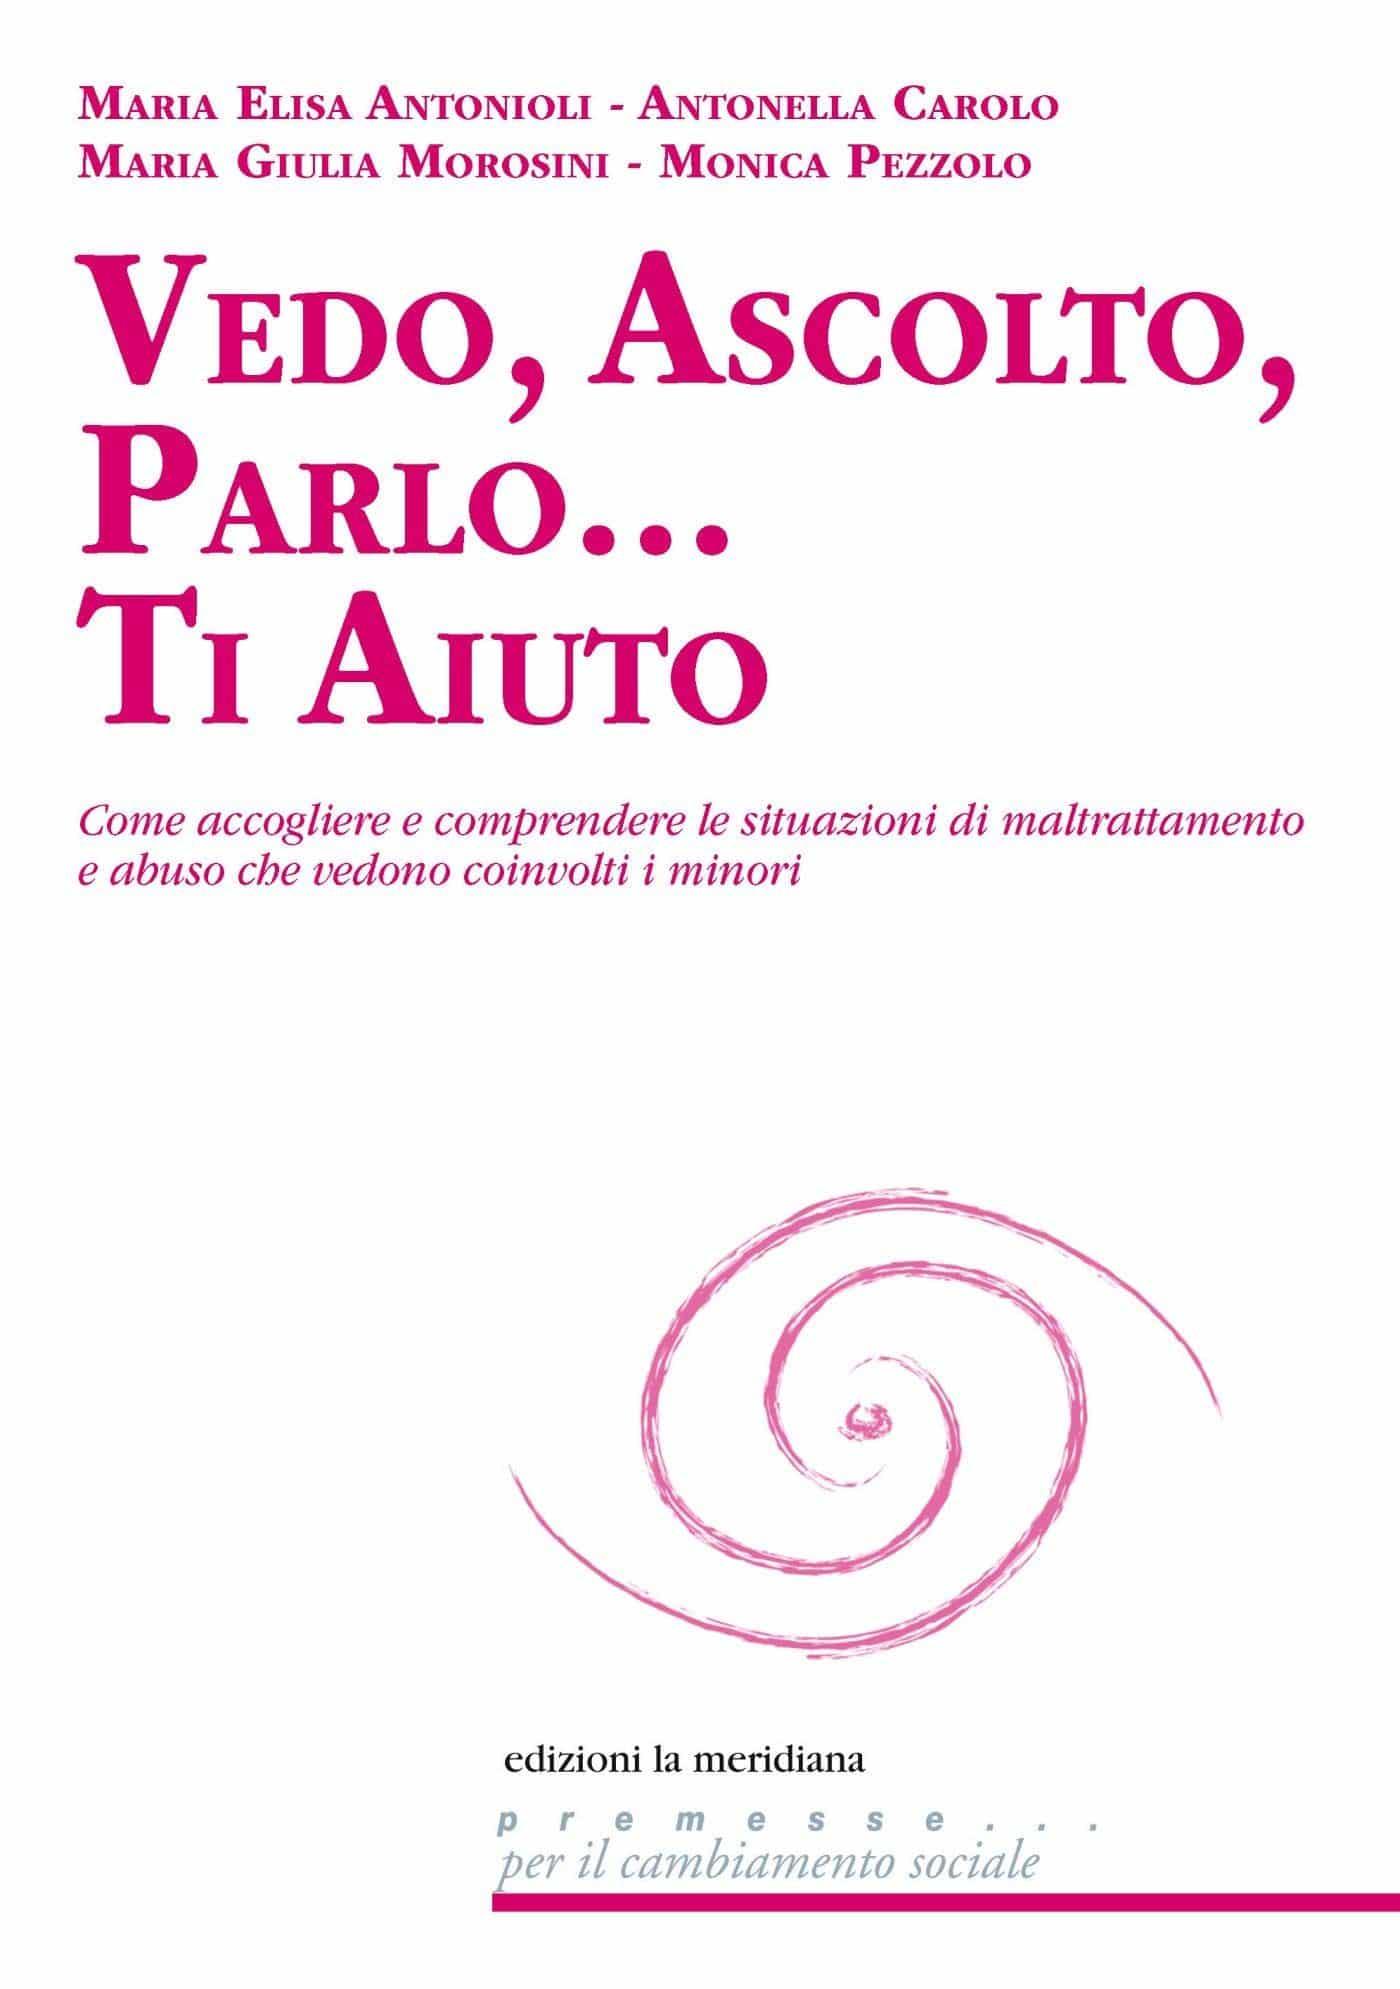 Vedo, Ascolto, Parlo…Ti Aiuto (2019) di Antonioli, Carolo, Morosini e Pezzolo – Recensione del libro